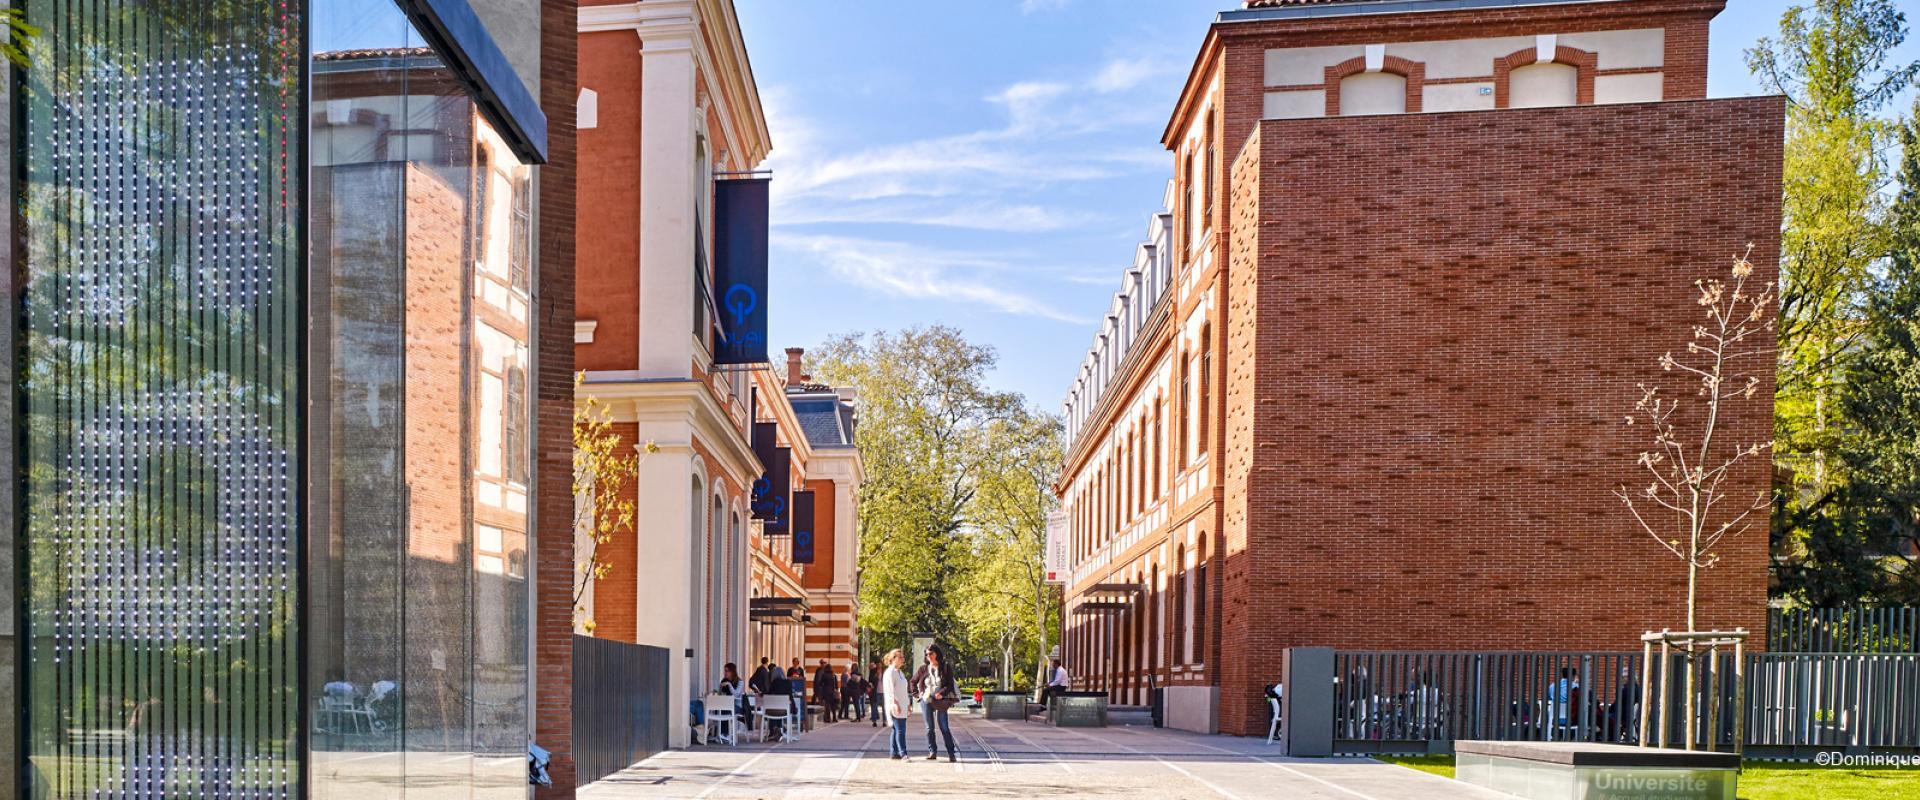 Choisir Toulouse - Capitale Savante